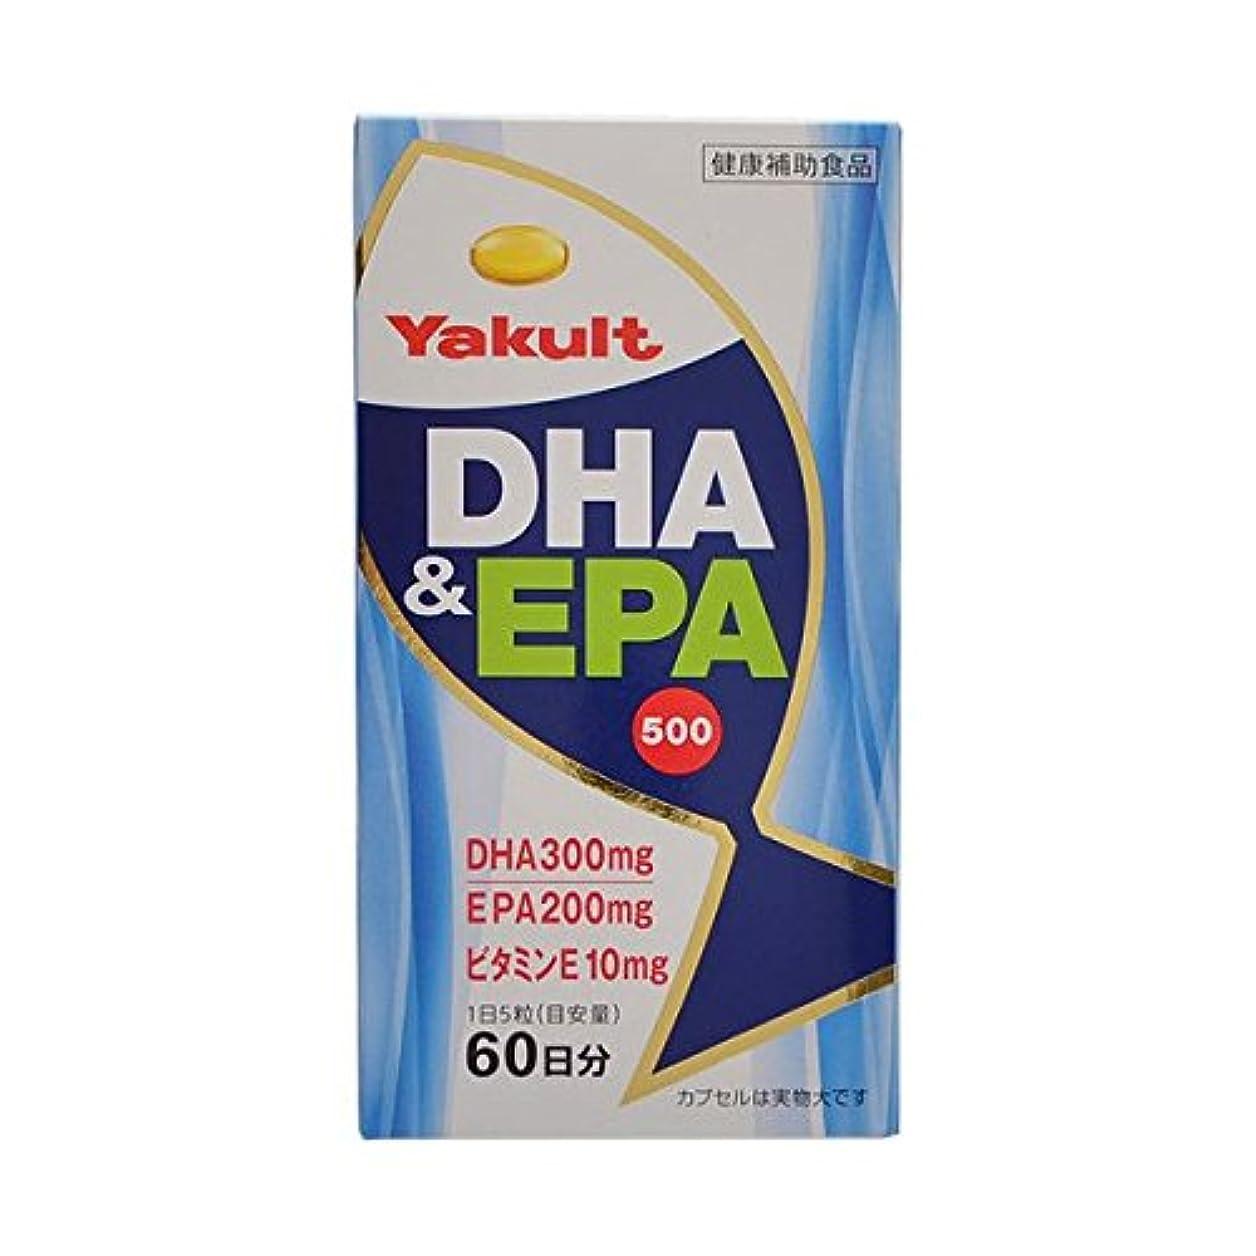 グレートオークちょっと待って回路ヤクルト DHA&EPA500 430mg×300粒【2個セット】